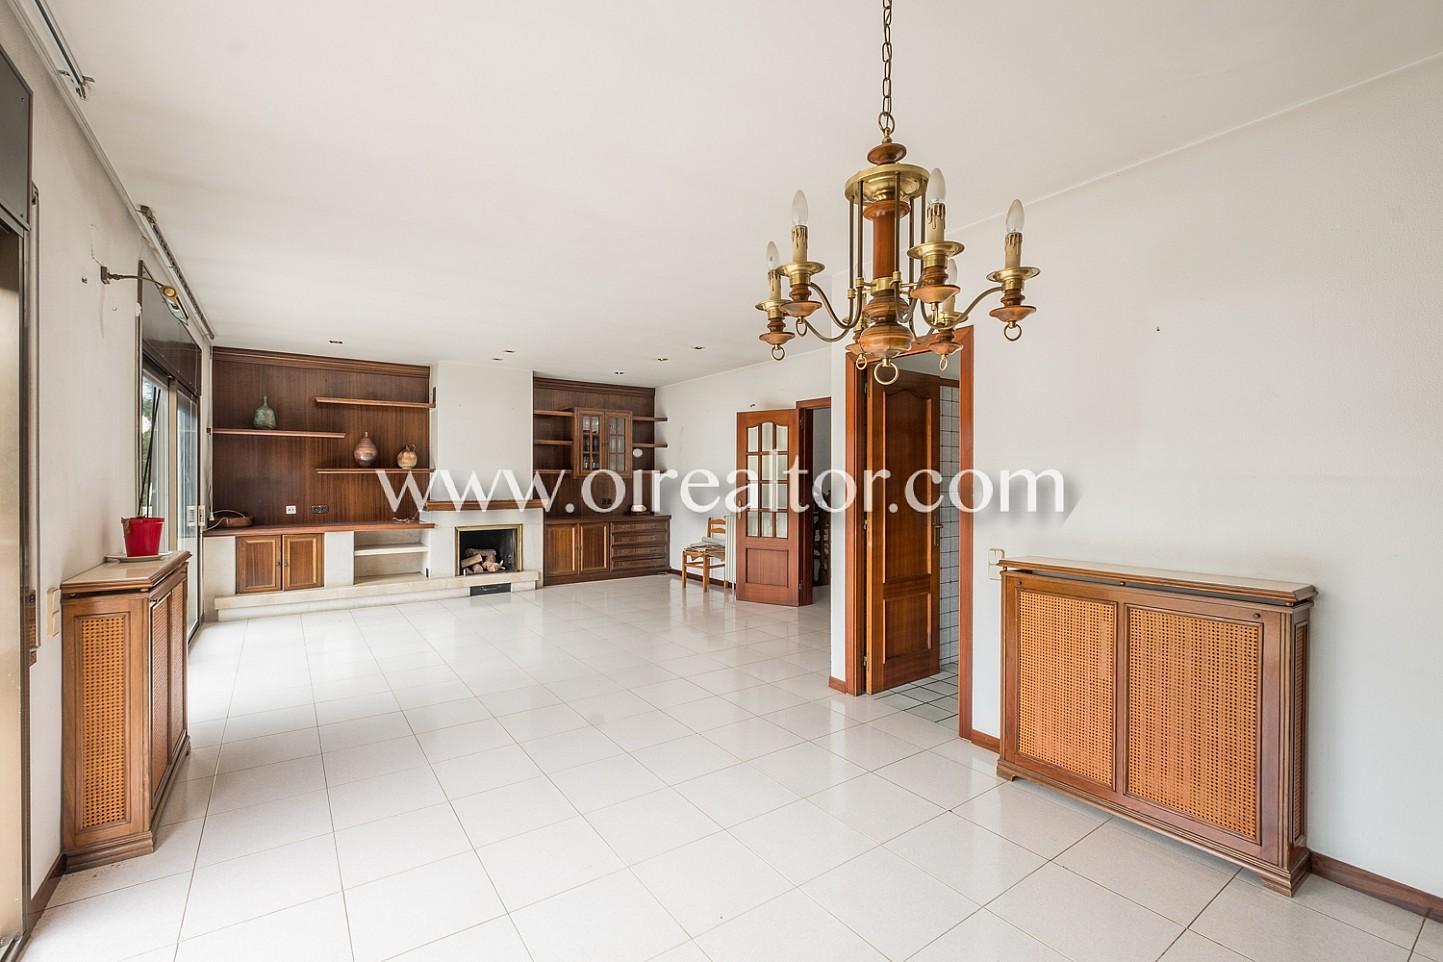 Элегантный дом на продажу в Сант Кугат